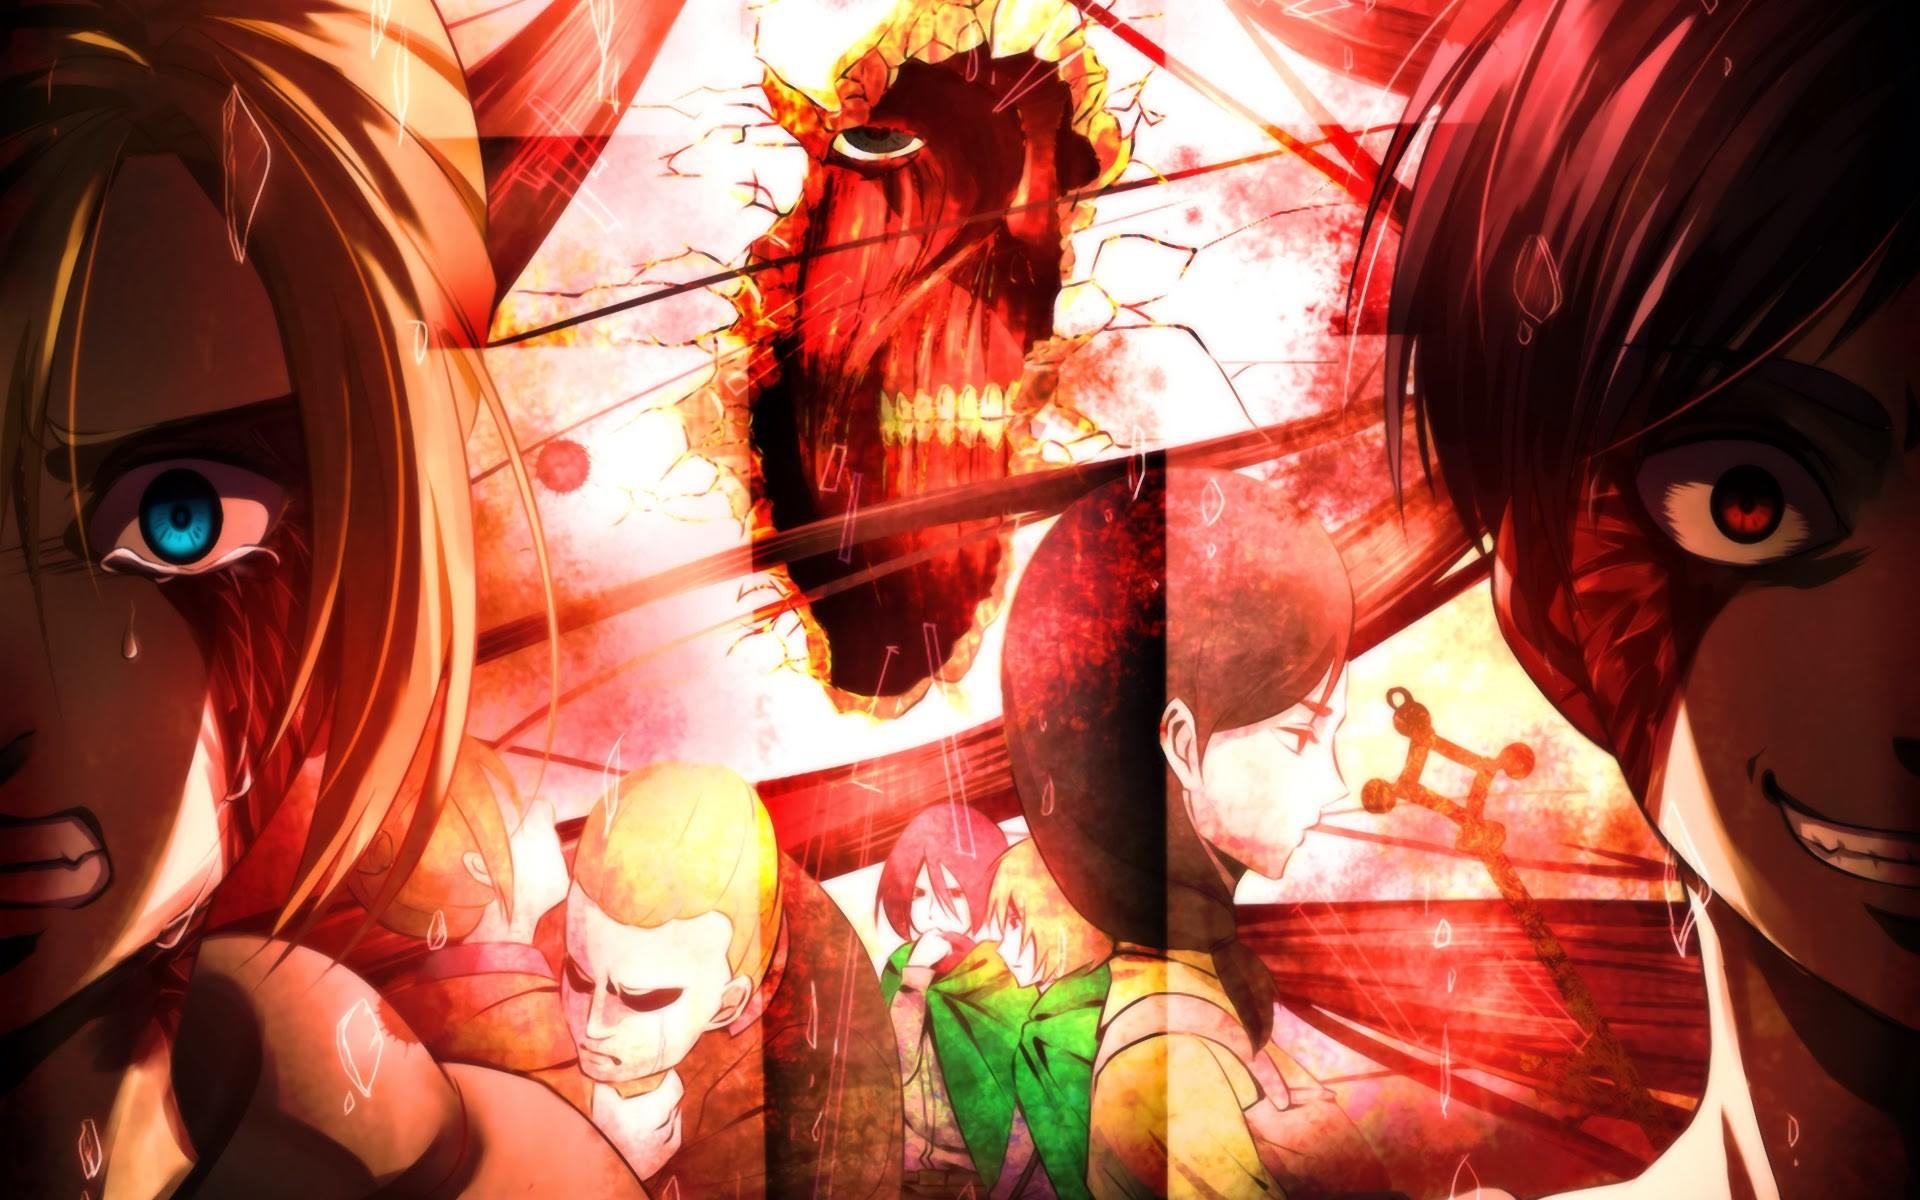 annie leonhart eren jaeger attack on titan shingeki no kyojin anime hd .